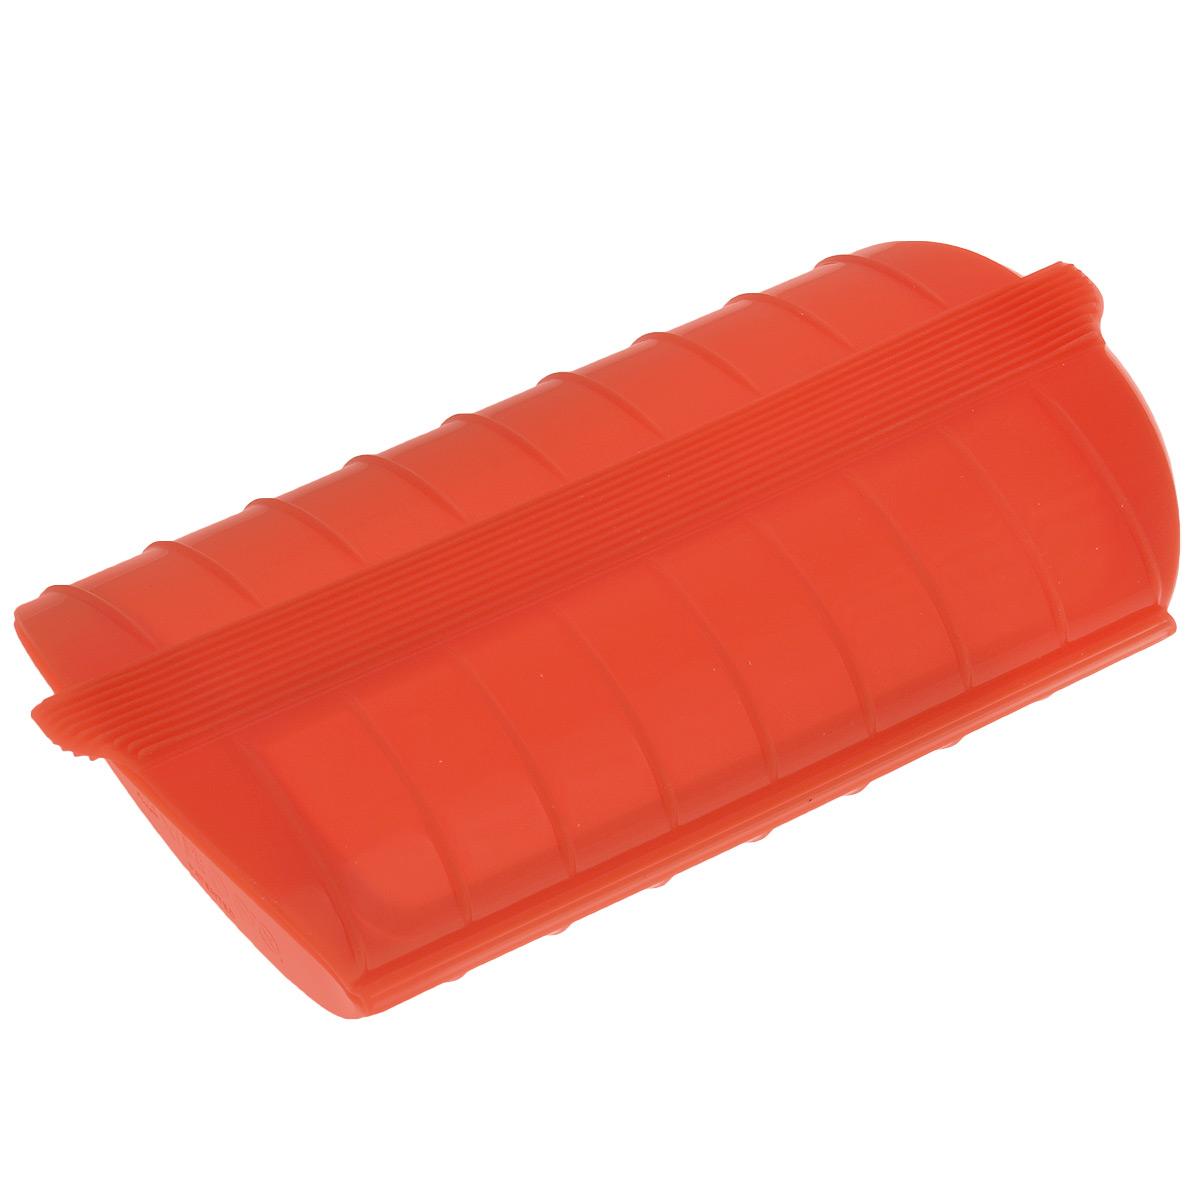 Конверт для запекания Lekue, цвет: красный, ПОДАРОК: цитрус-спрей Lekue6/16Конверт для запекания Lekue изготовлен из высококачественного пищевого силикона, который выдерживает температуру от -60°С до +220°С. Благодаря особым свойствам силикона, продукты остаются такими же сочными, не пригорают и равномерно пропекаются. Конверт делает оптимальным приготовление пищевых продуктов, делая более интенсивным вкус каждого из них и сохраняя все содержащиеся в них питательные вещества. Для конверта предусмотрен съемный внутренний поддон-решетка, который позволит стечь лишнему жиру и соку во время размораживания, хранения и приготовления. Приготовление пищи можно производить с поддоном или без него, в зависимости от желаемого результата. Конверт закрывается, поэтому жир не разбрызгивается по стенкам духовки. Приготовленное блюдо легко вынимается из конверта и позволяет приготовить одновременно до двух порций. Идеально подходит для приготовления мяса, курицы или рыбы. В дополнение к основным достоинствам конверта для запекания с поддоном - он невероятно...